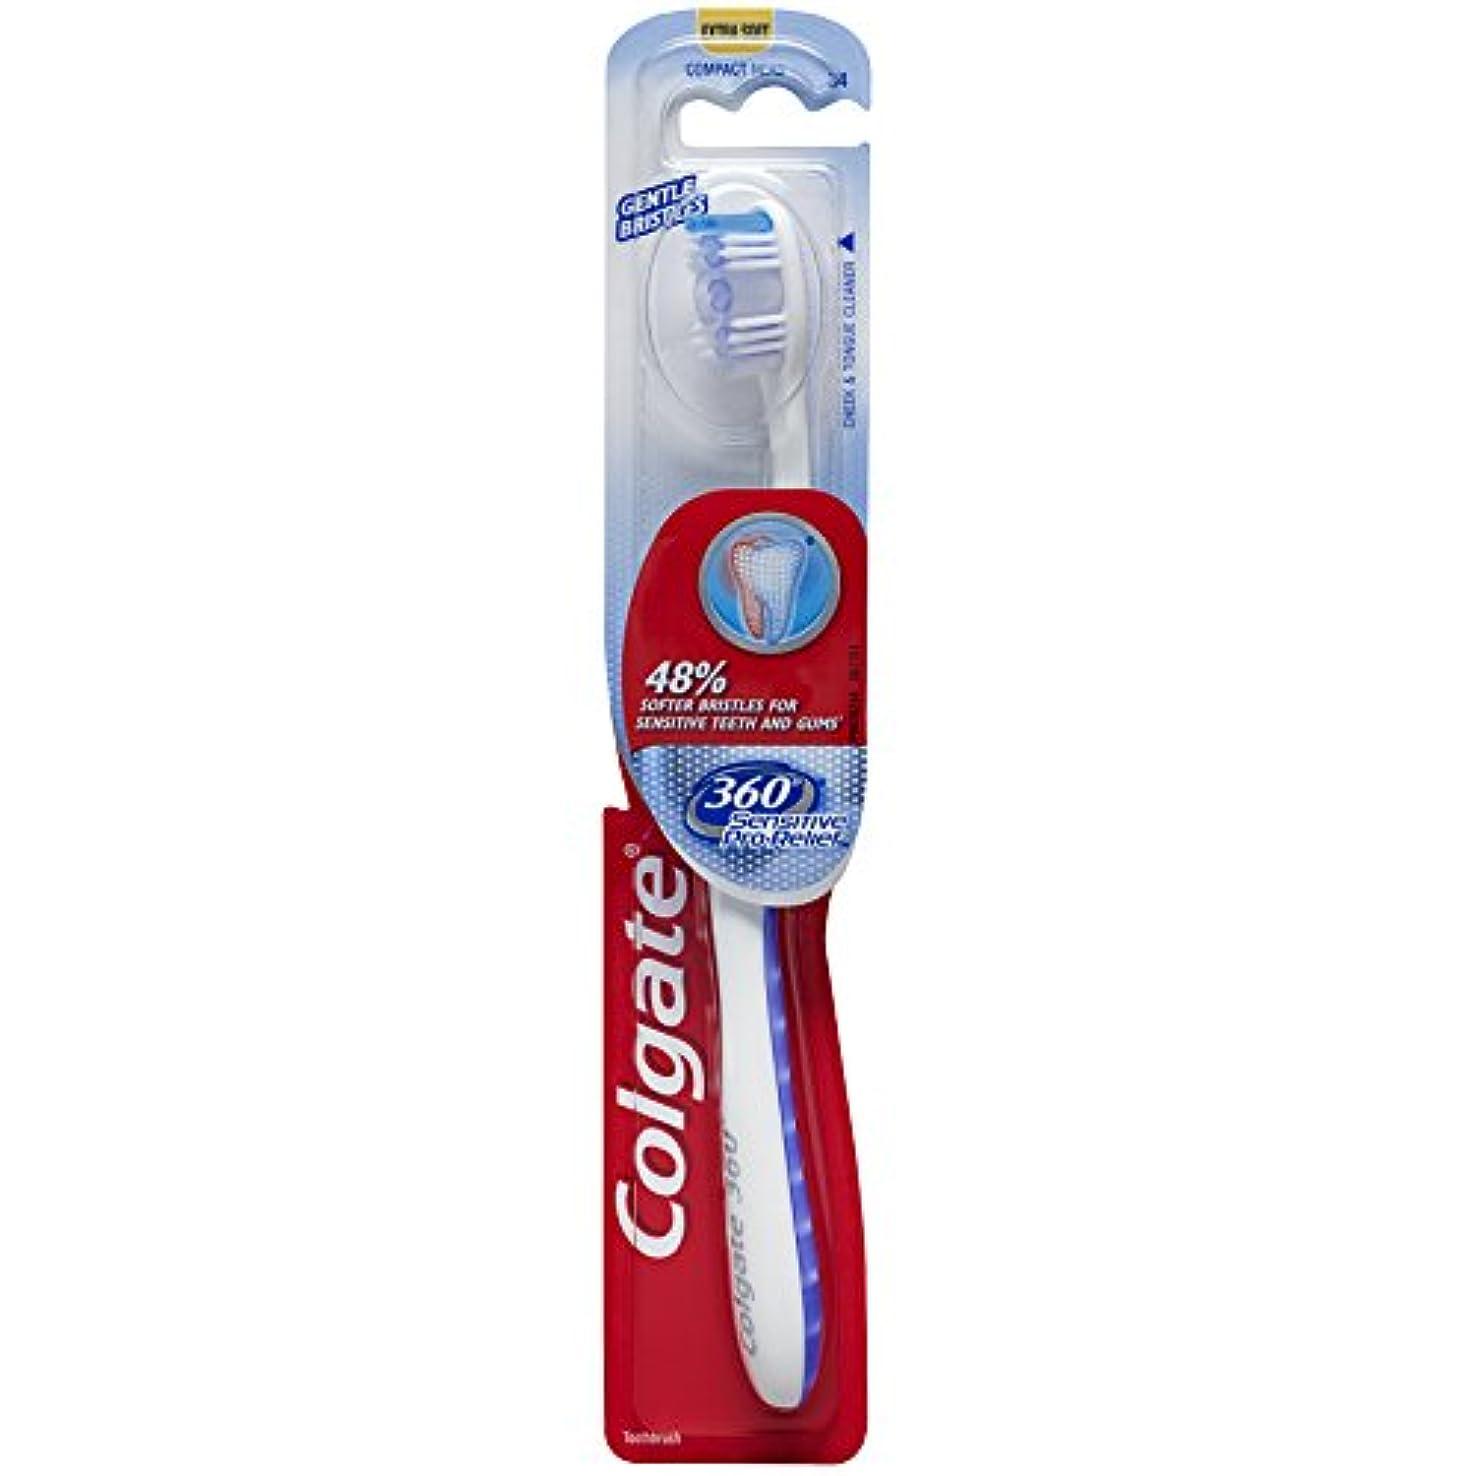 検証禁止するアンケートColgate 360機密性の高いプロの救済スリム歯ブラシ、エクストラソフト(色は異なります)